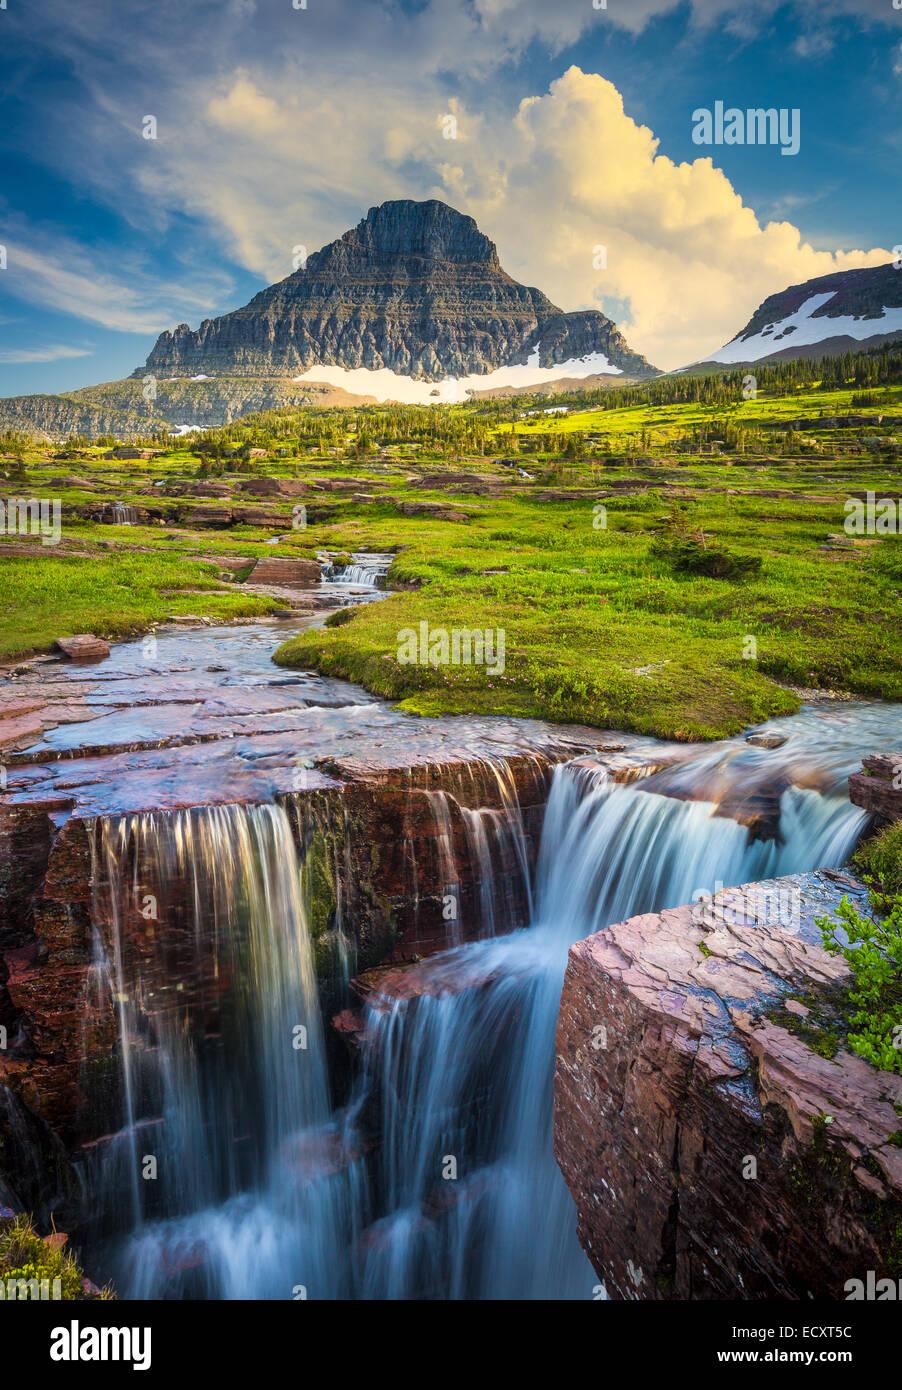 Logan Pass im Glacier National Park, befindet sich im Bundesstaat Montana Vereinigten Staaten. Stockbild